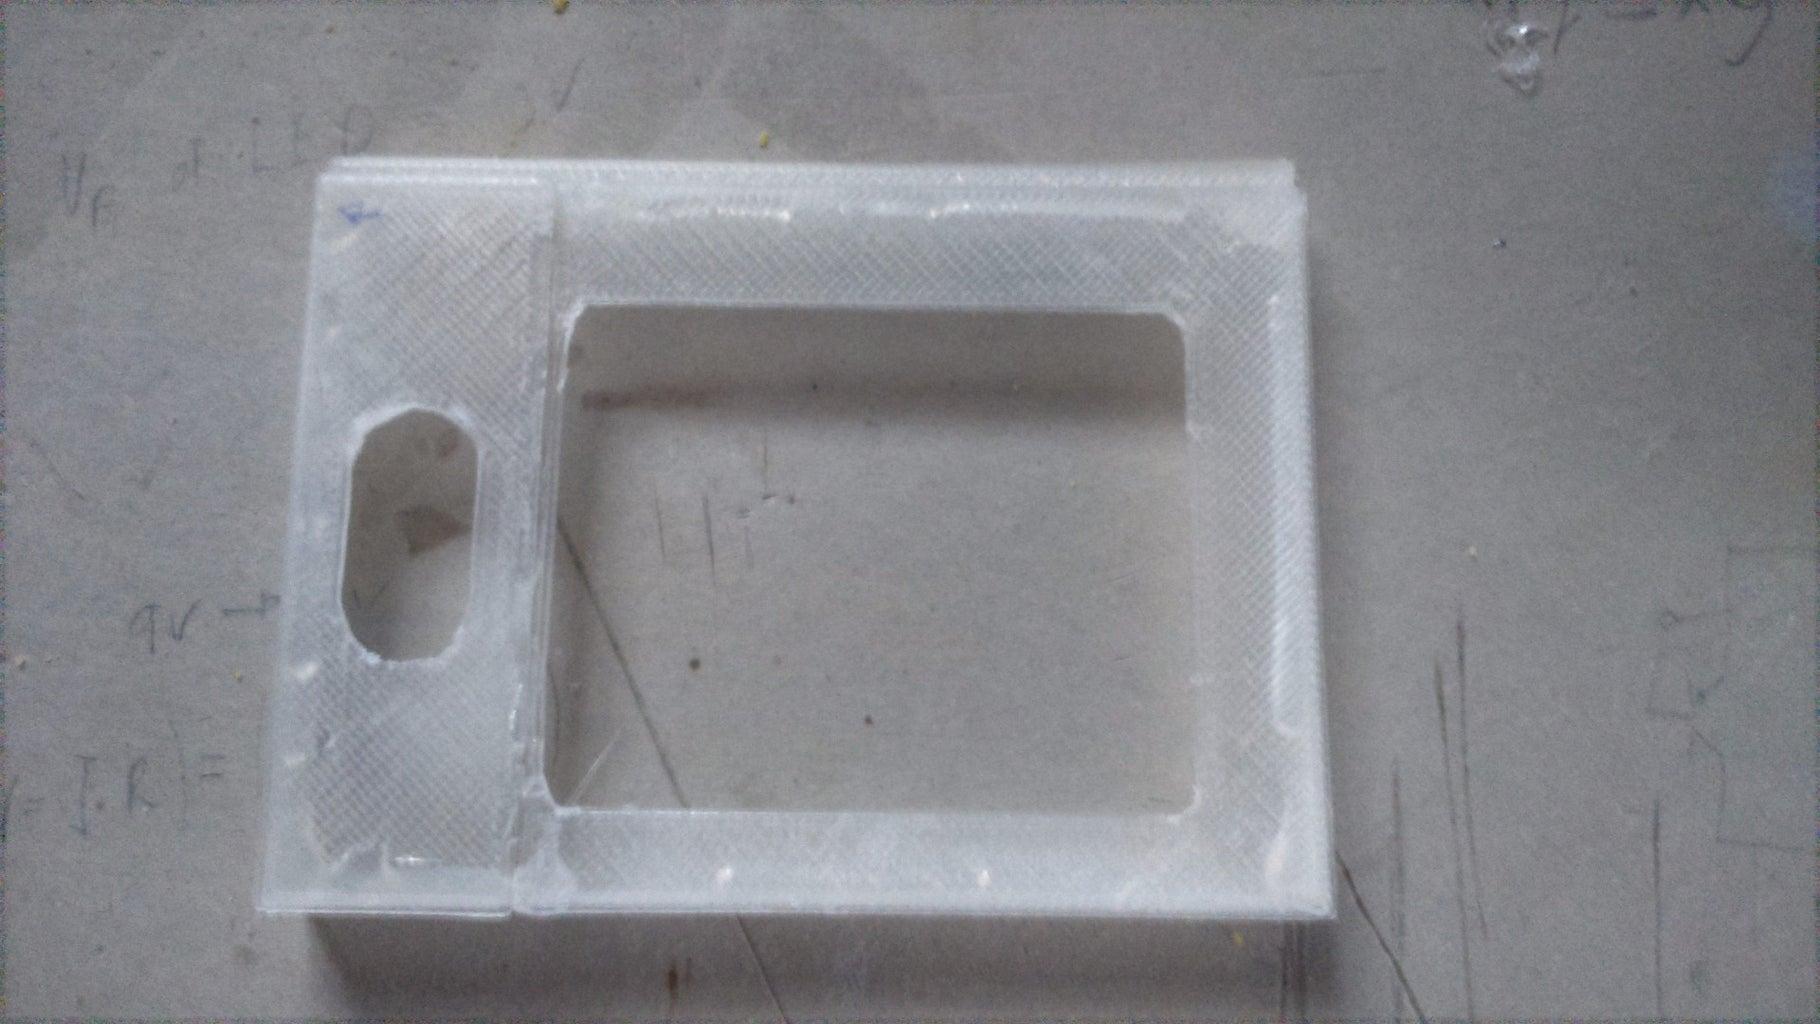 The Mic/Speaker Enclosure